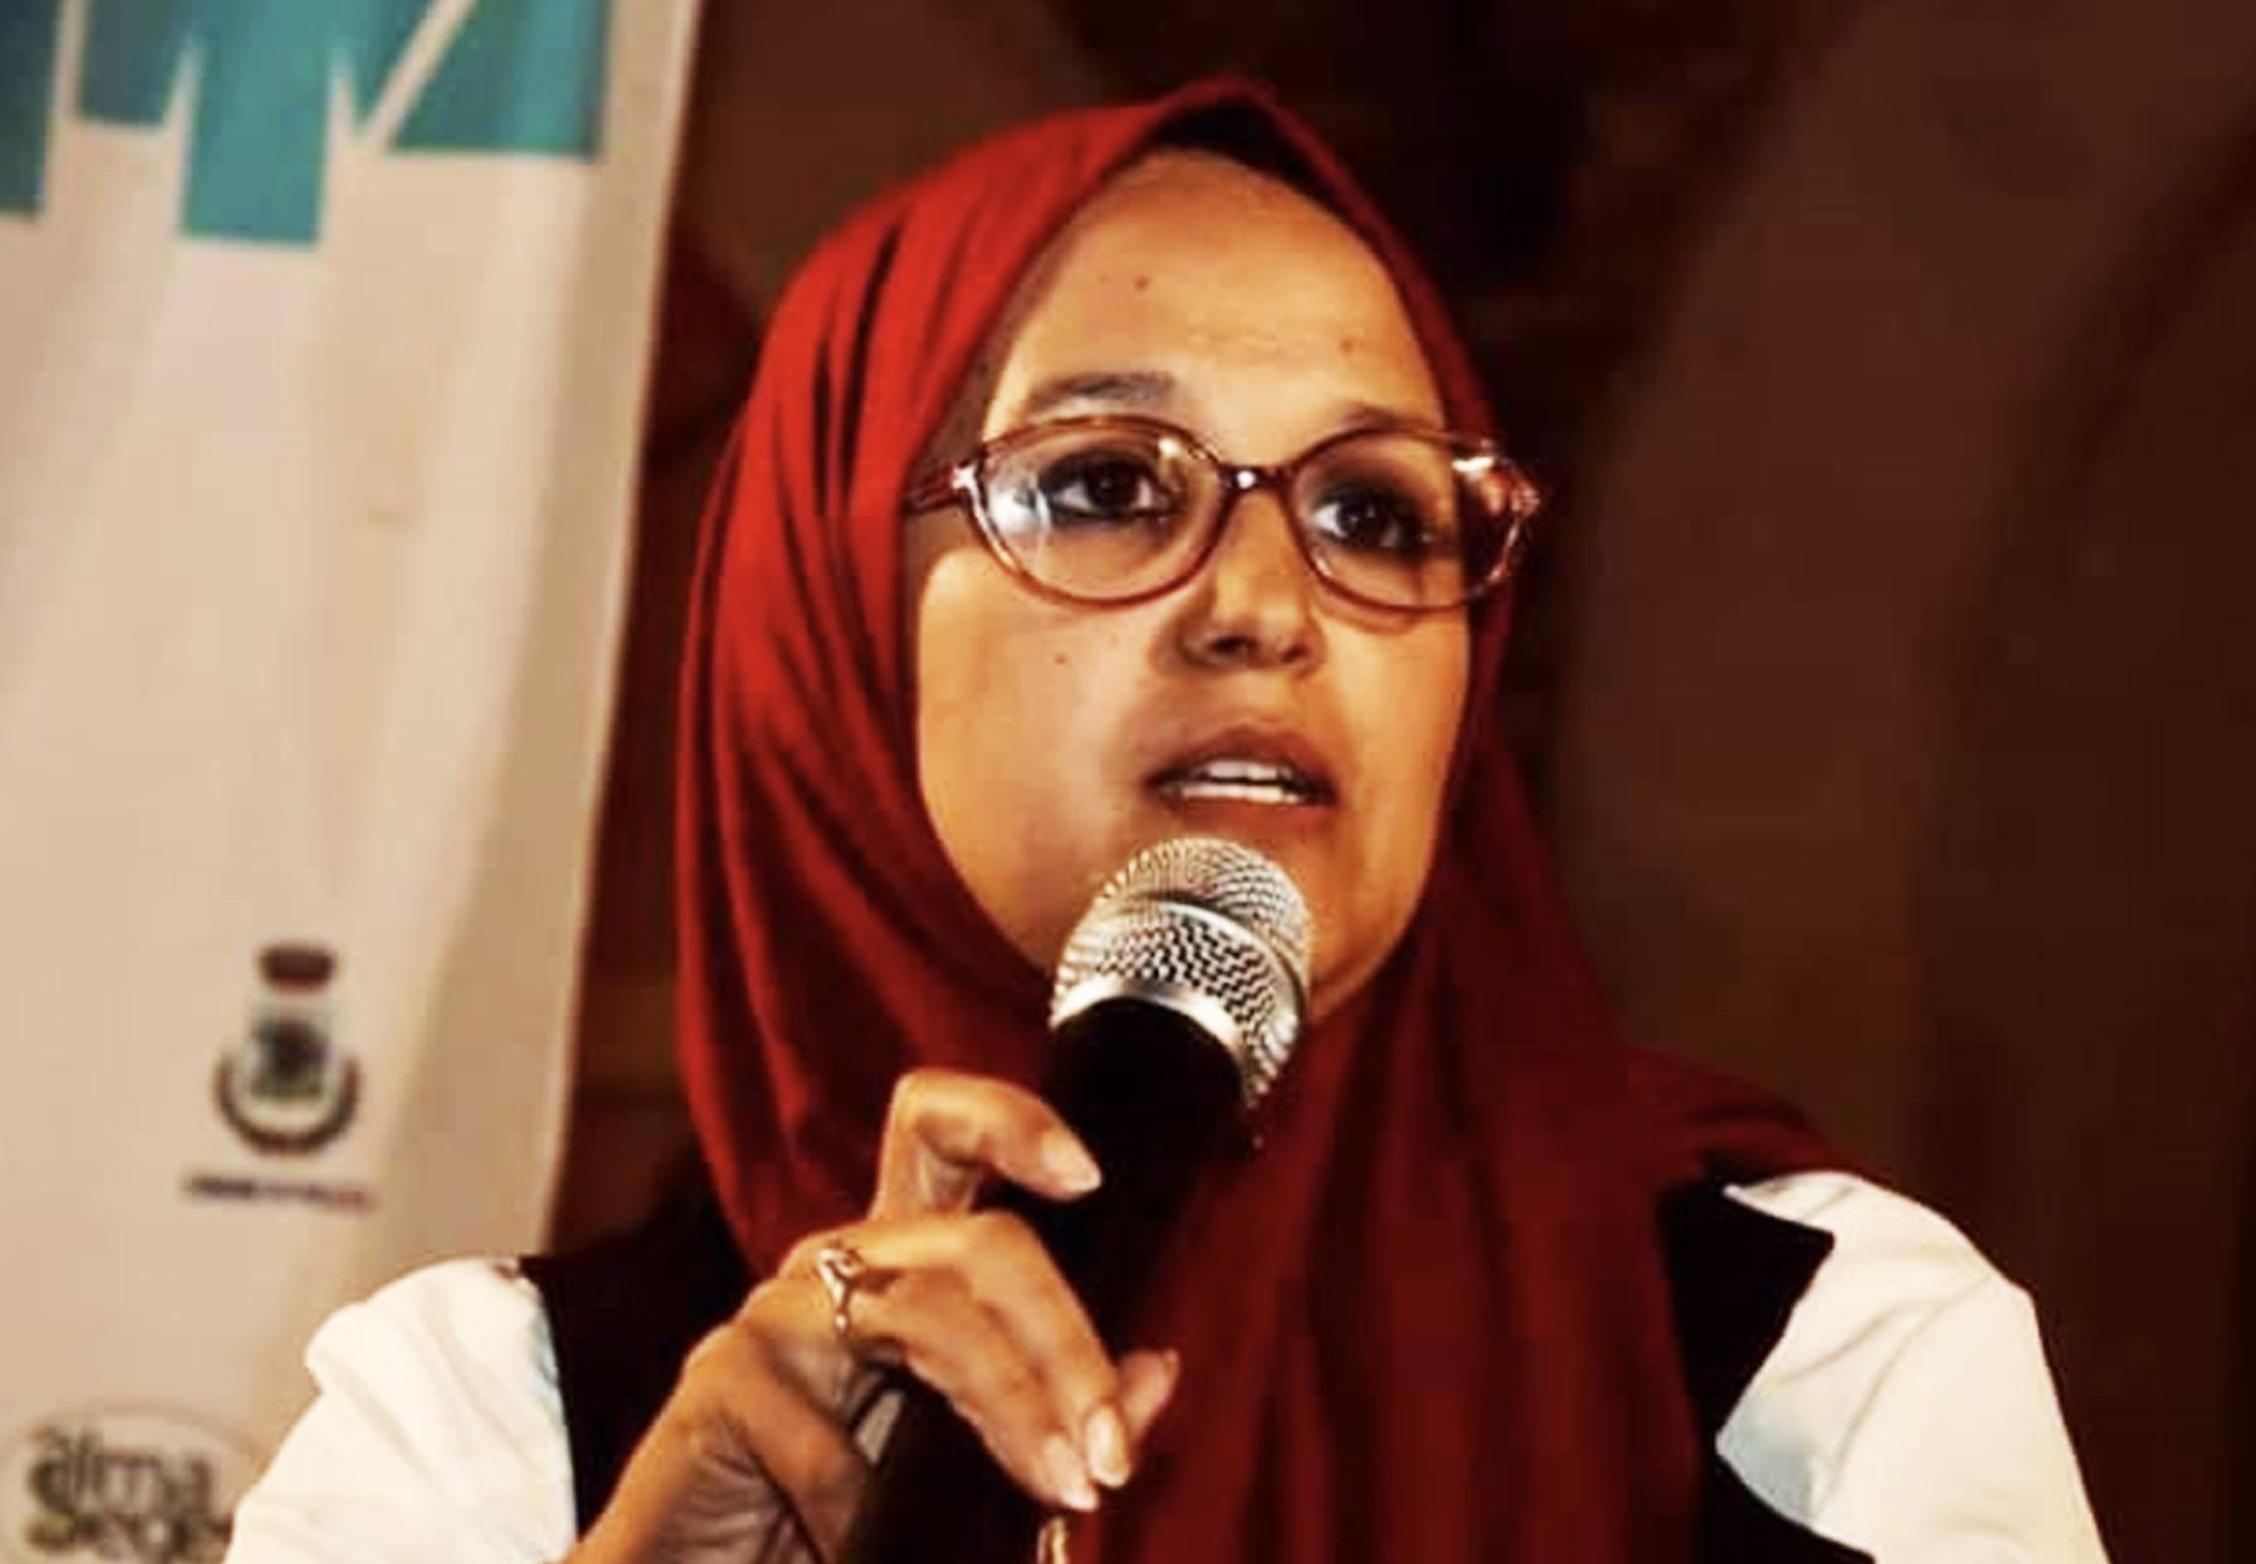 Intervista a Bahia Lahboub: l'impegno civile delle nuove generazioni italiane